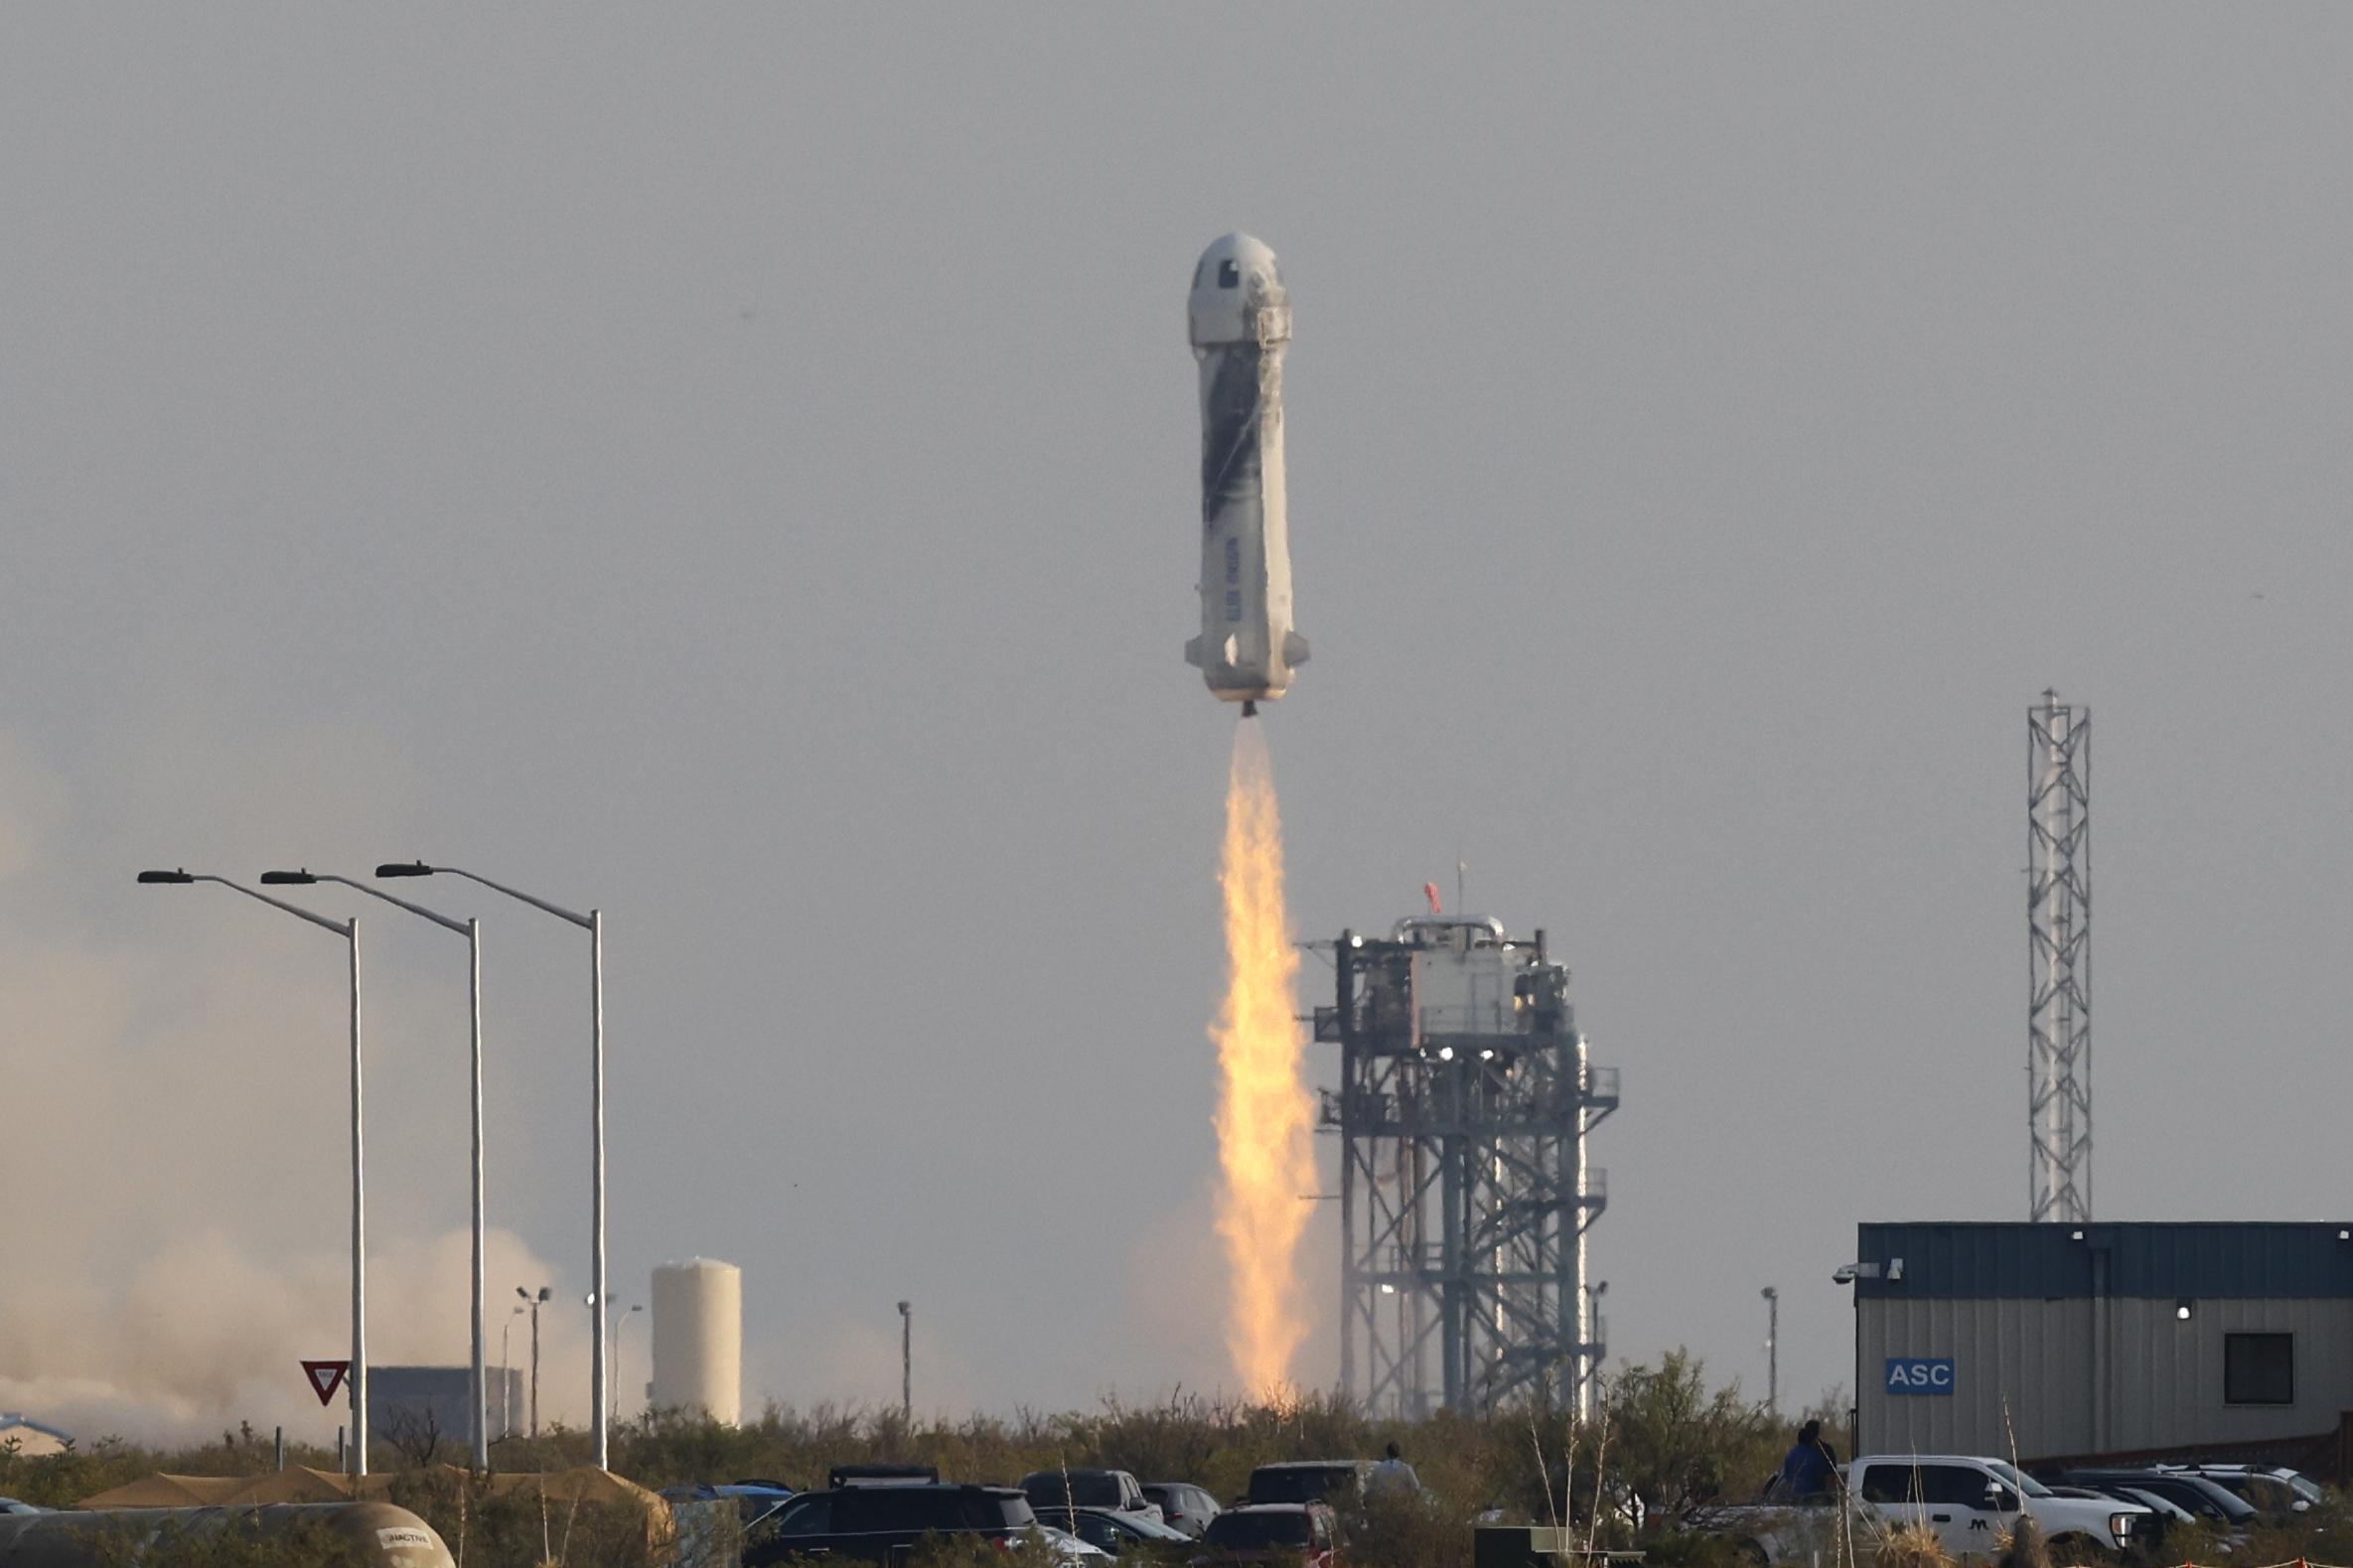 अंतरिक्ष की यात्रा पर गए बेजोस के रॉकेट को कई लोगों ने वेस्ट टेक्सास के रेगिस्तान में कार के अंदर बैठकर देखा।